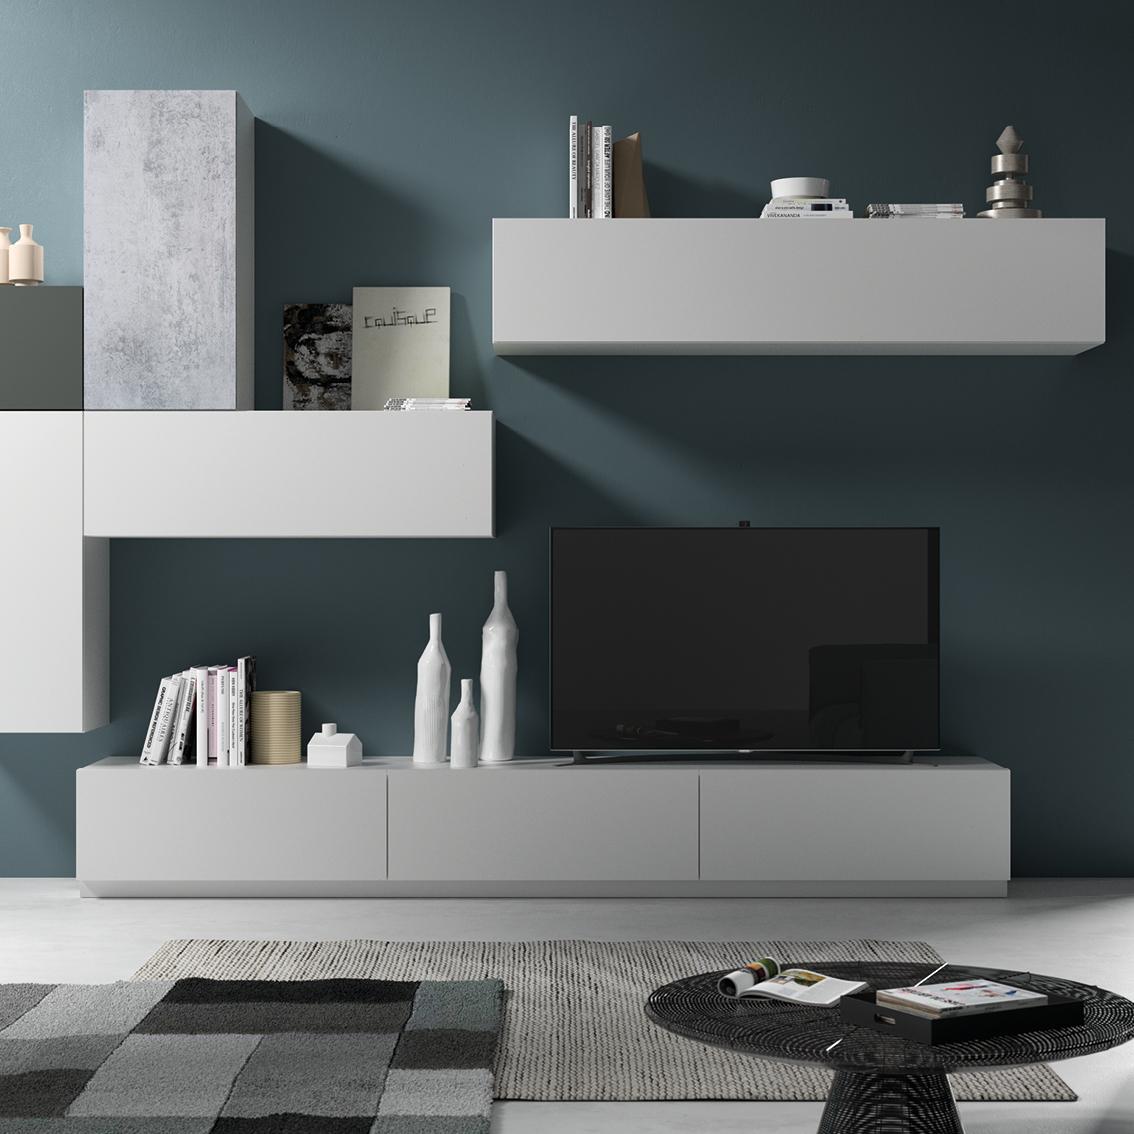 Pirandello semeraro for Semeraro mobili